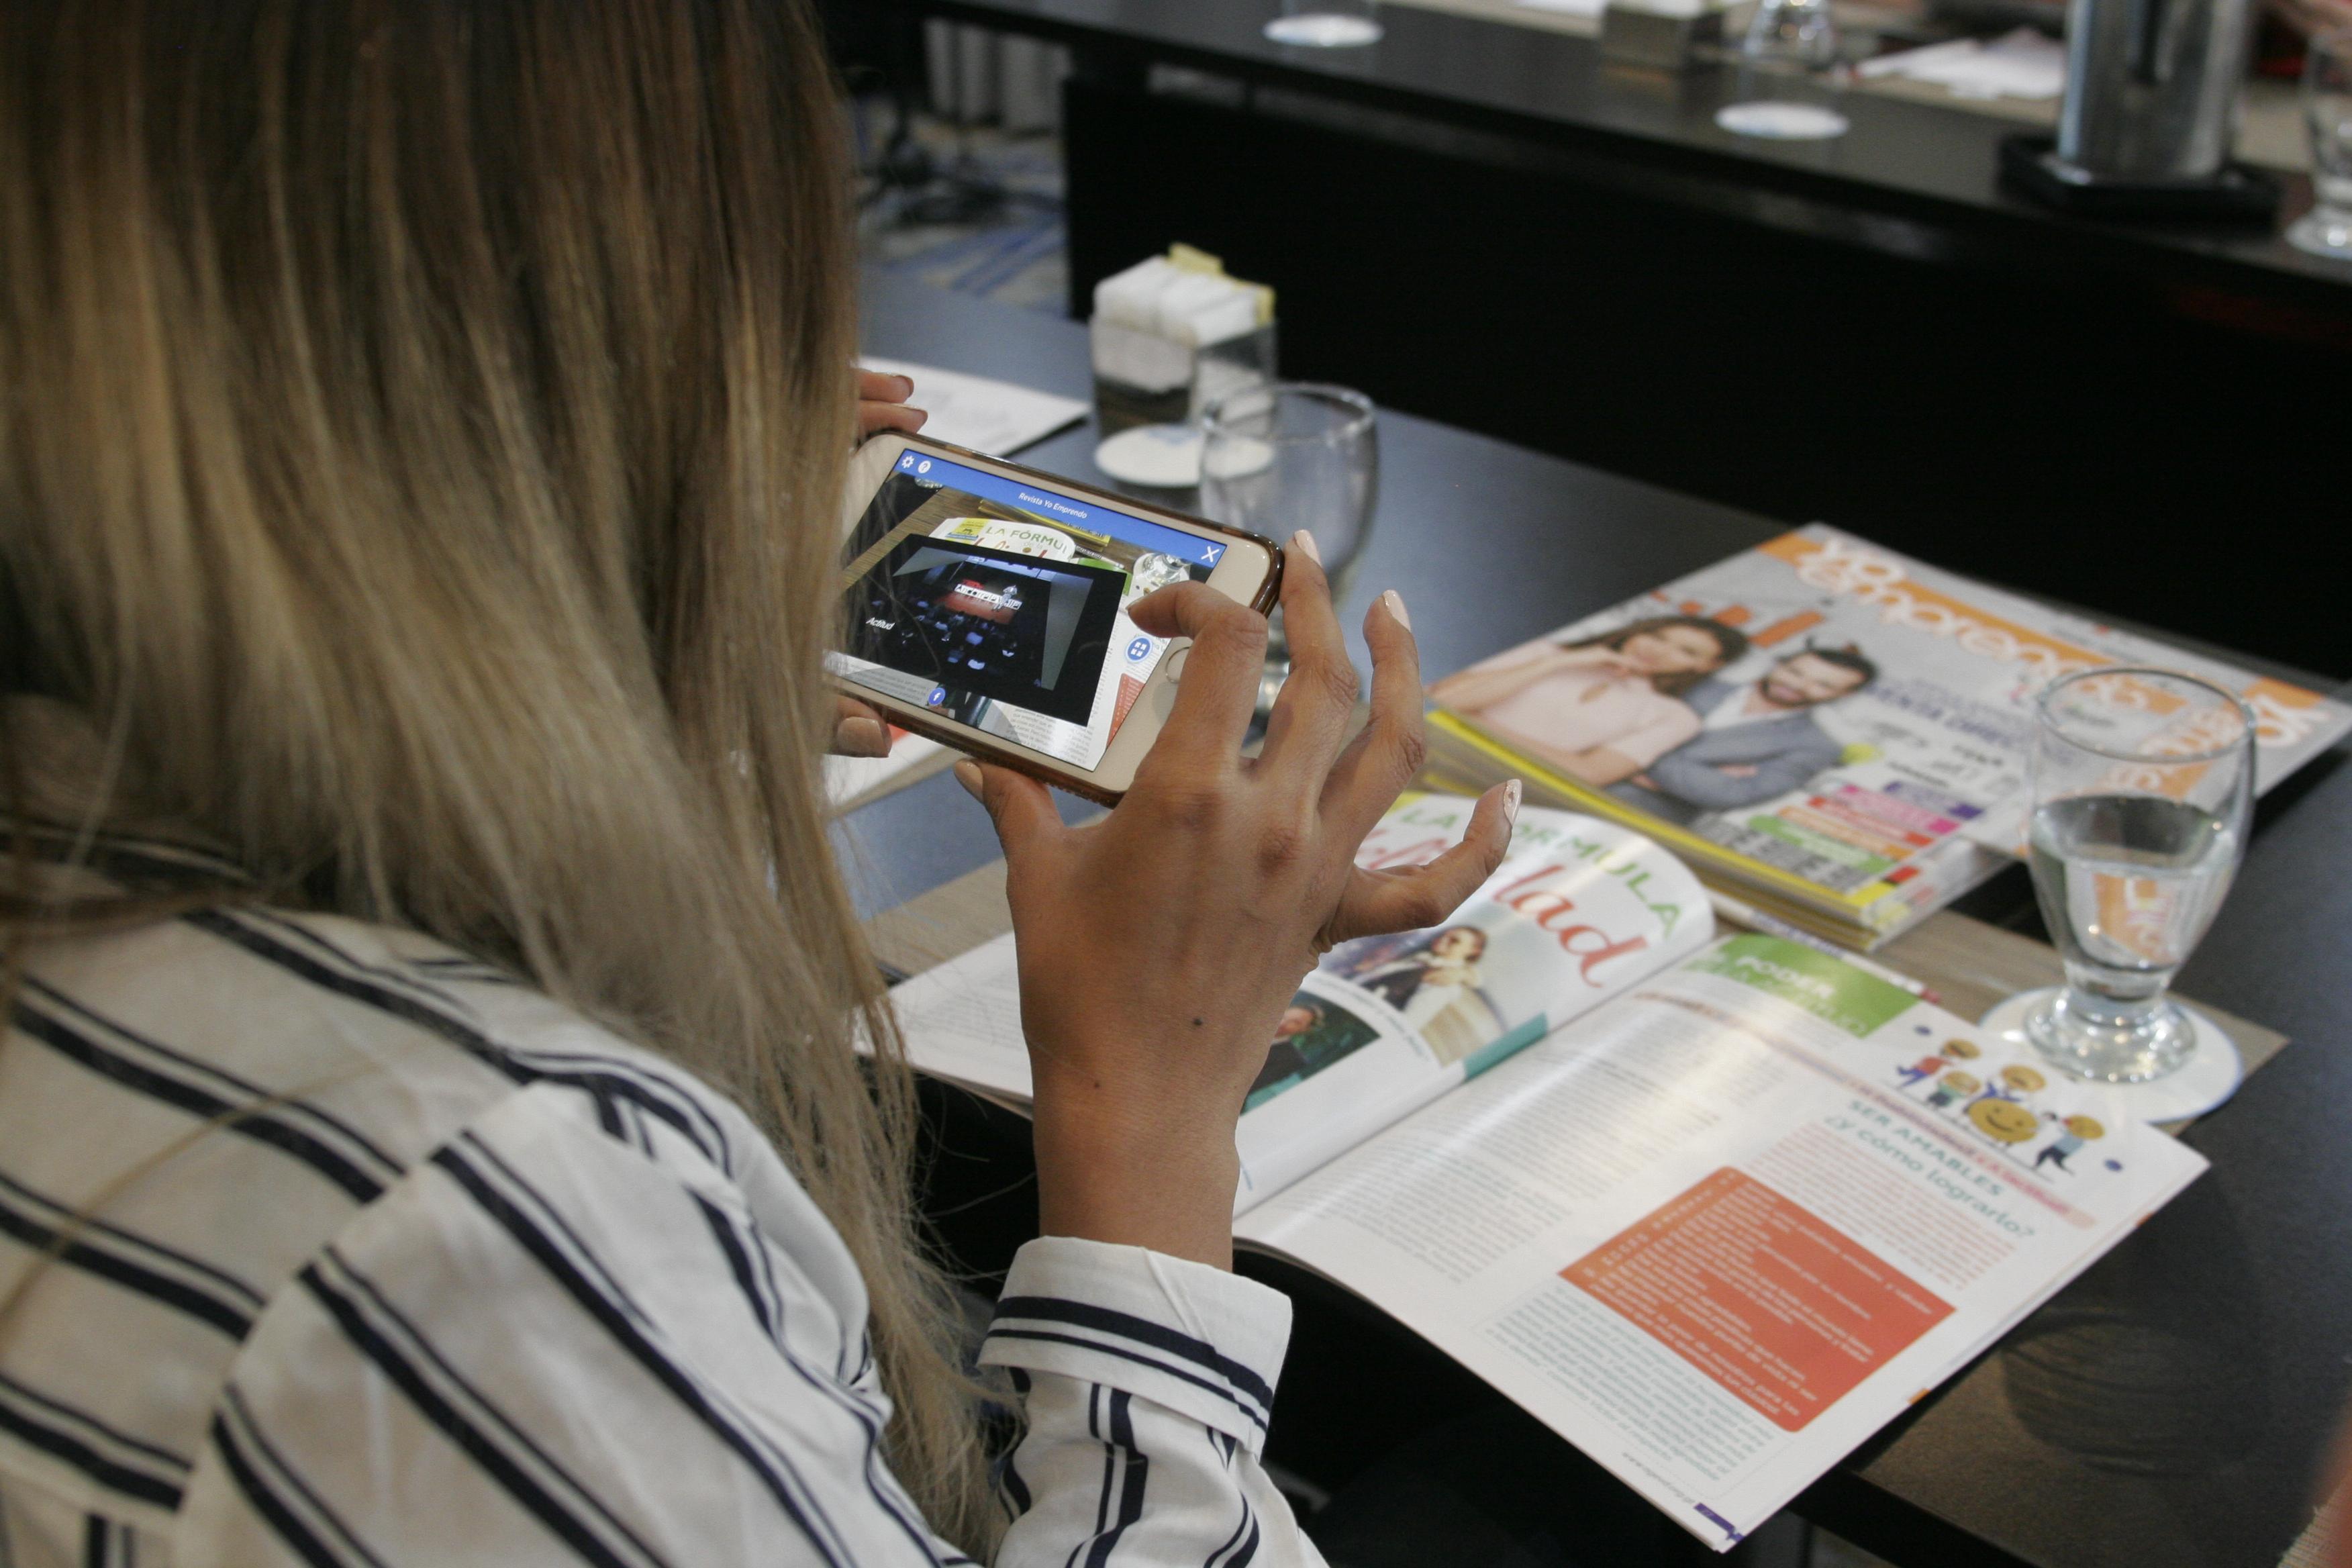 Revista Yo emprendo, cuenta con artículos, historias de éxito, consejos, entre otro contenido para emprendedores y opción de Realidad Aumentada. (Foto Prensa Libre: María Reneé Barrientos)